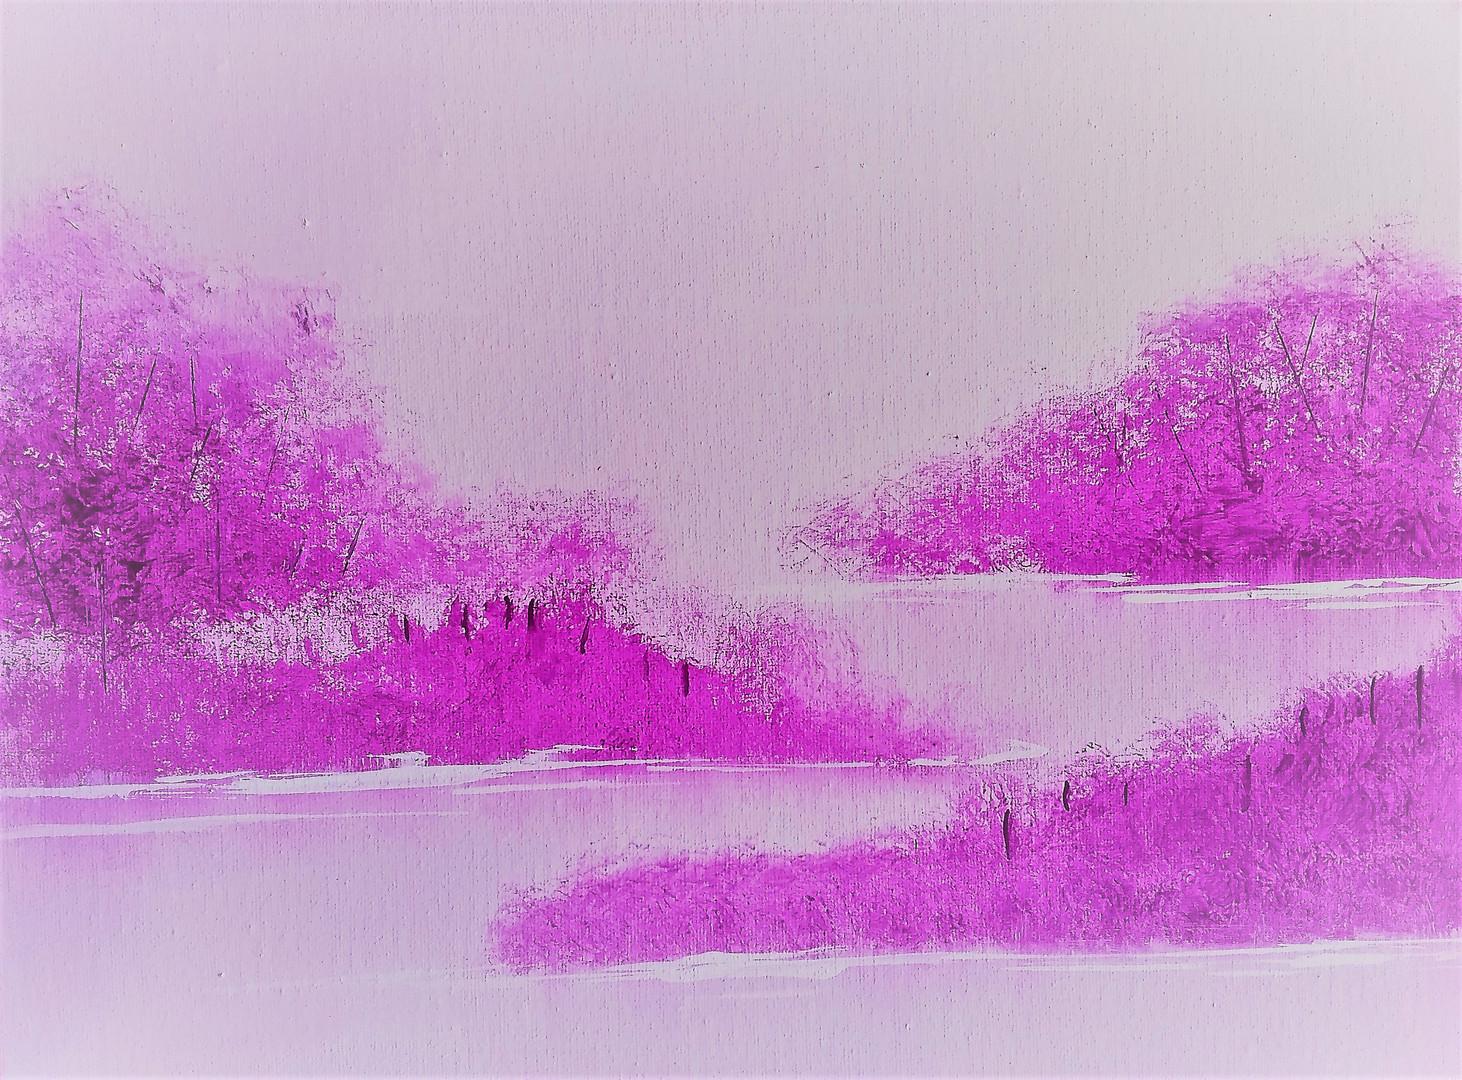 Purple Pink Salt Marsh